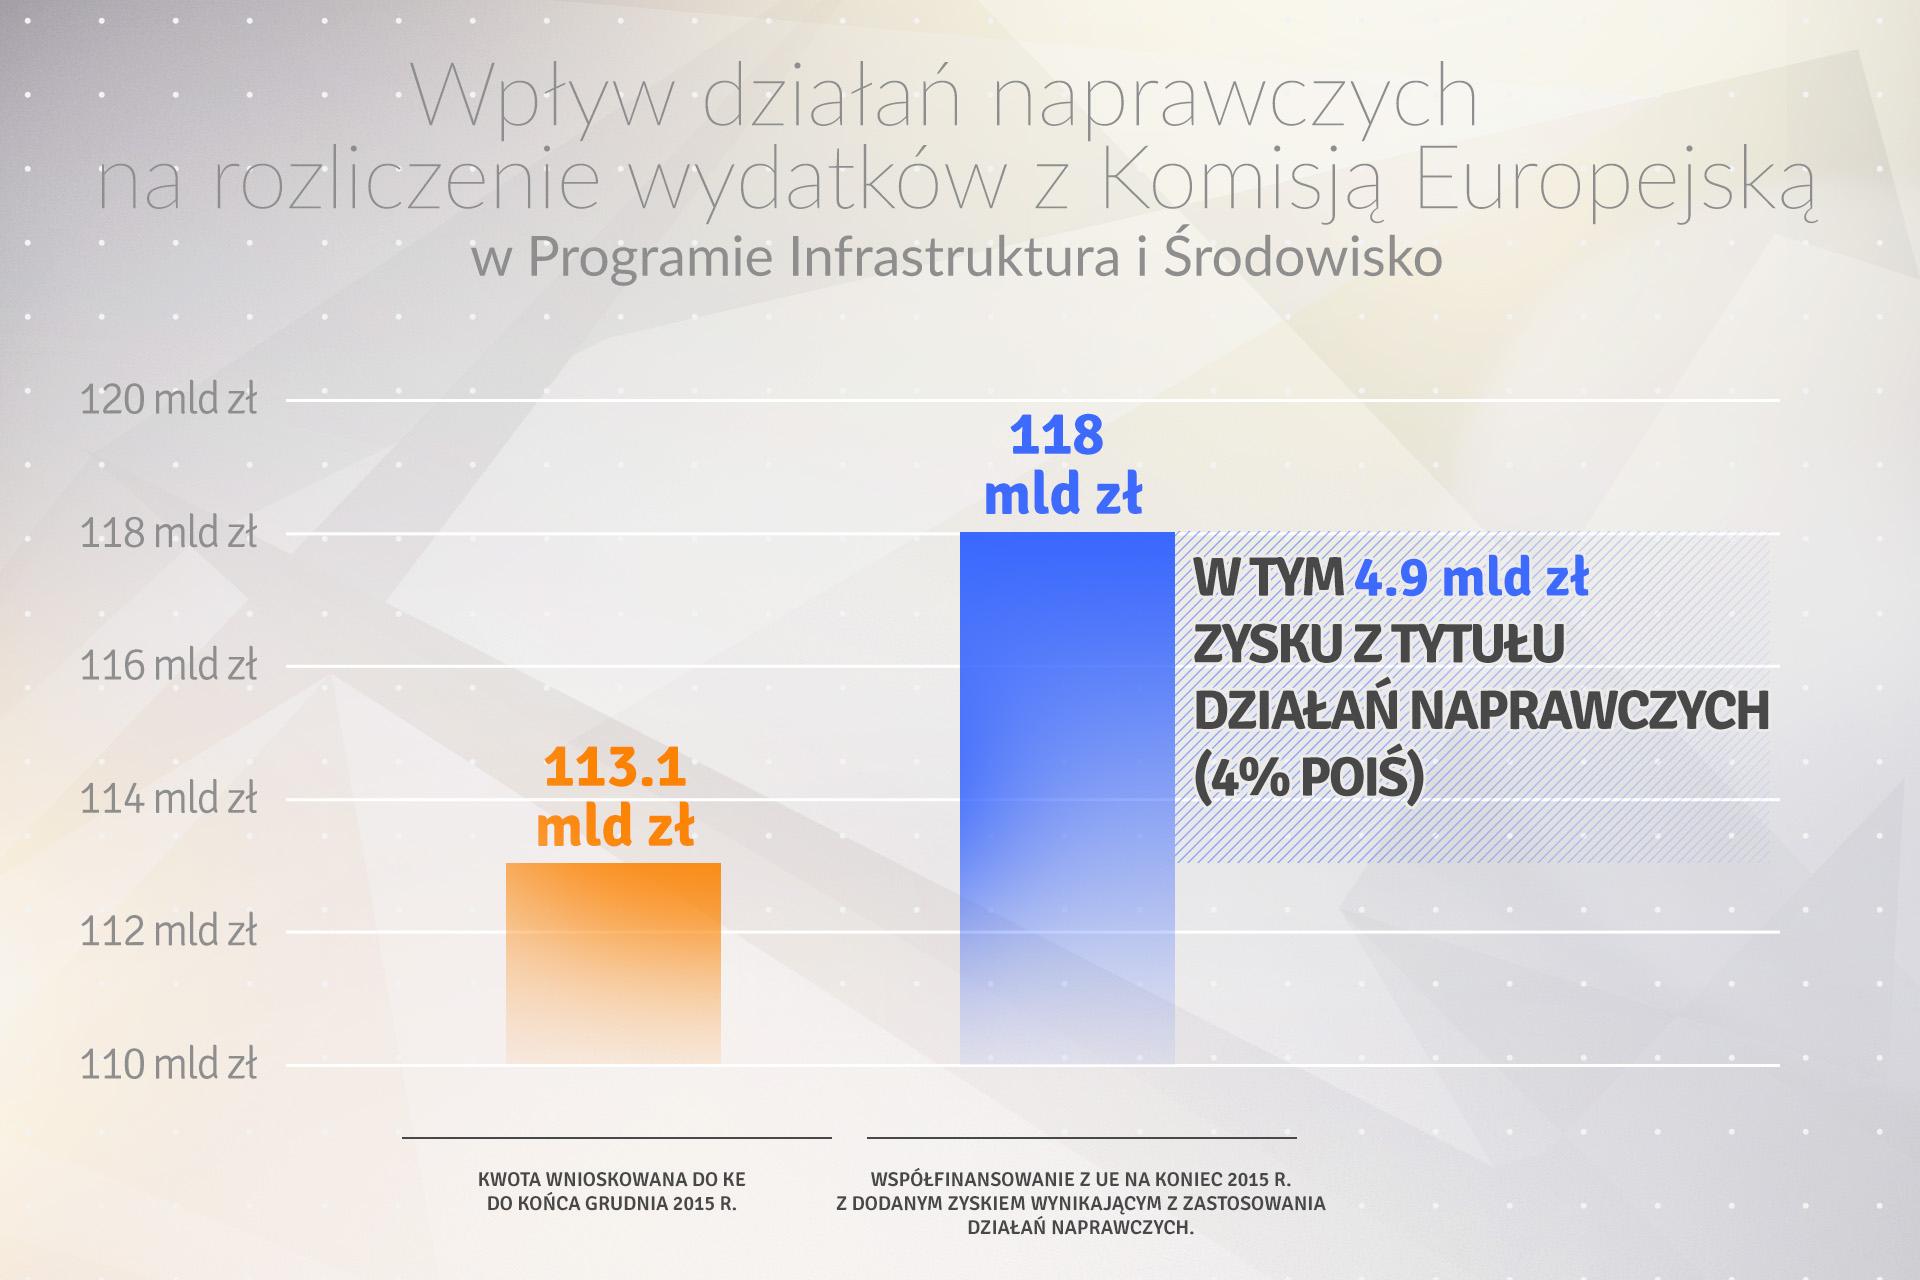 Źródło: Ministerstwo Rozwoju